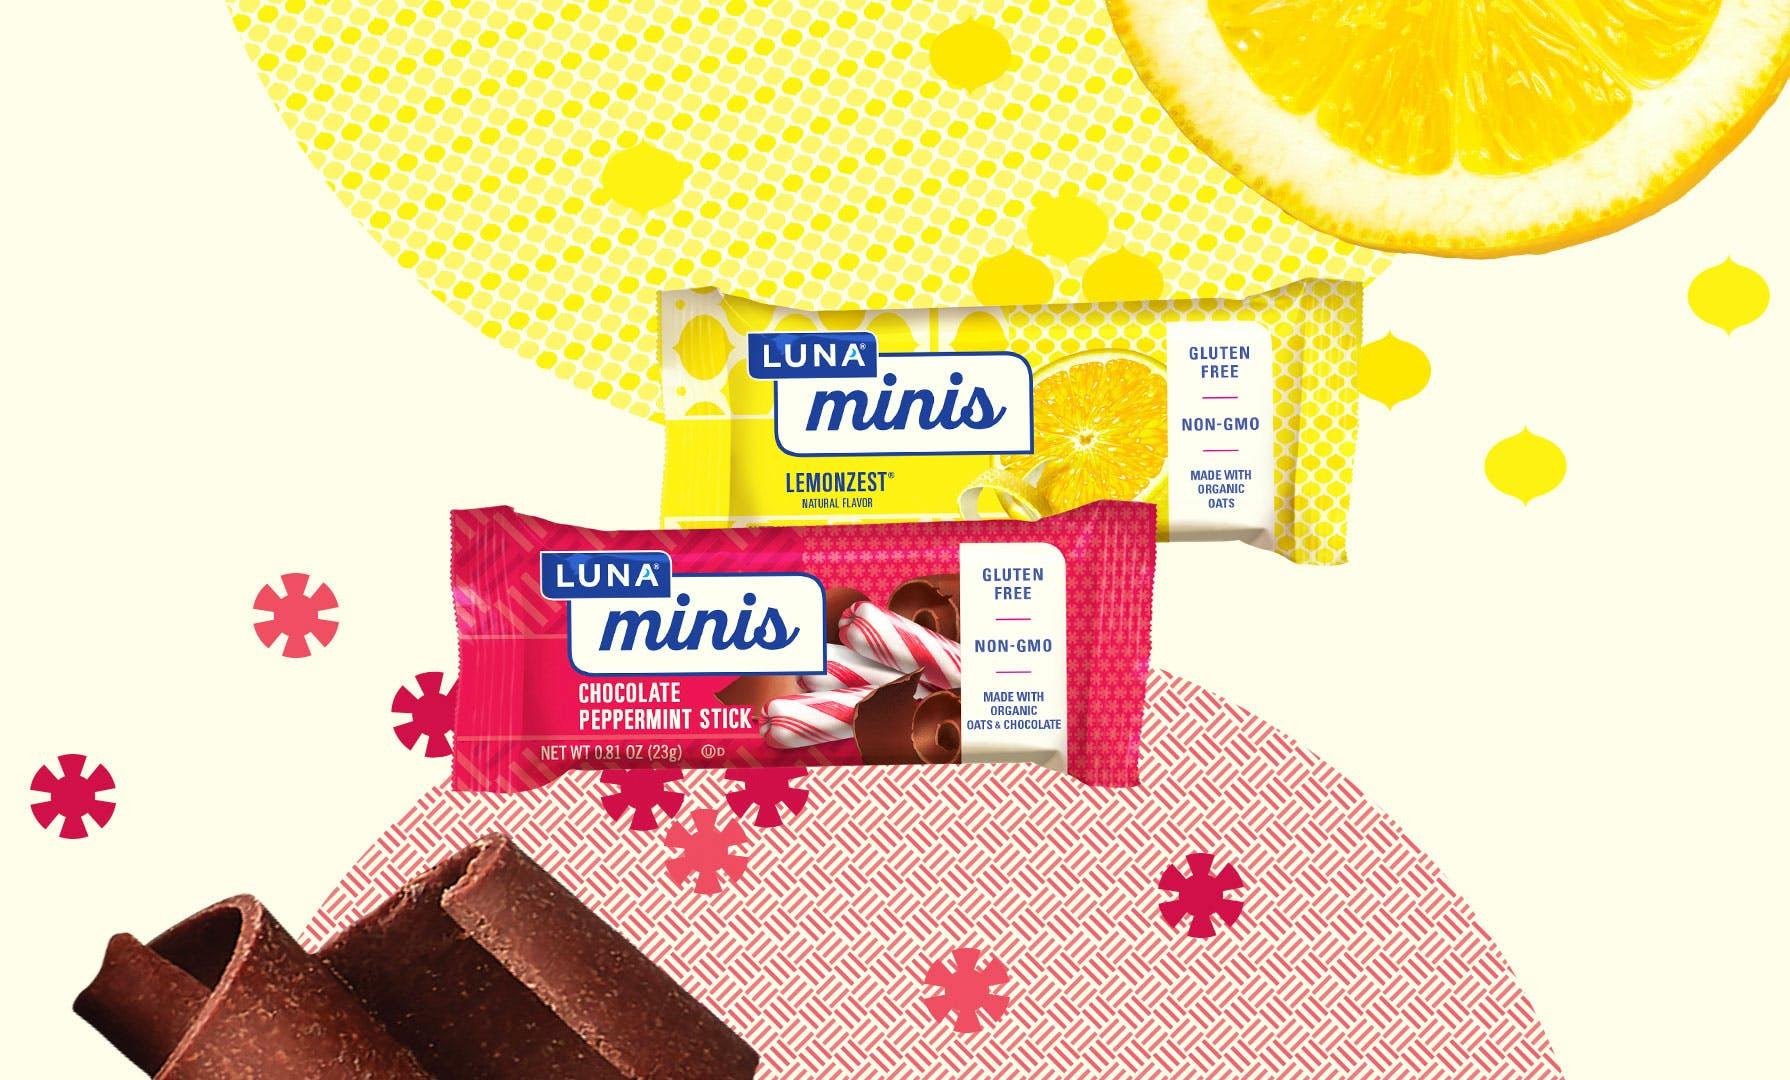 Luna minis chocolate peppermint lemonzest flavors